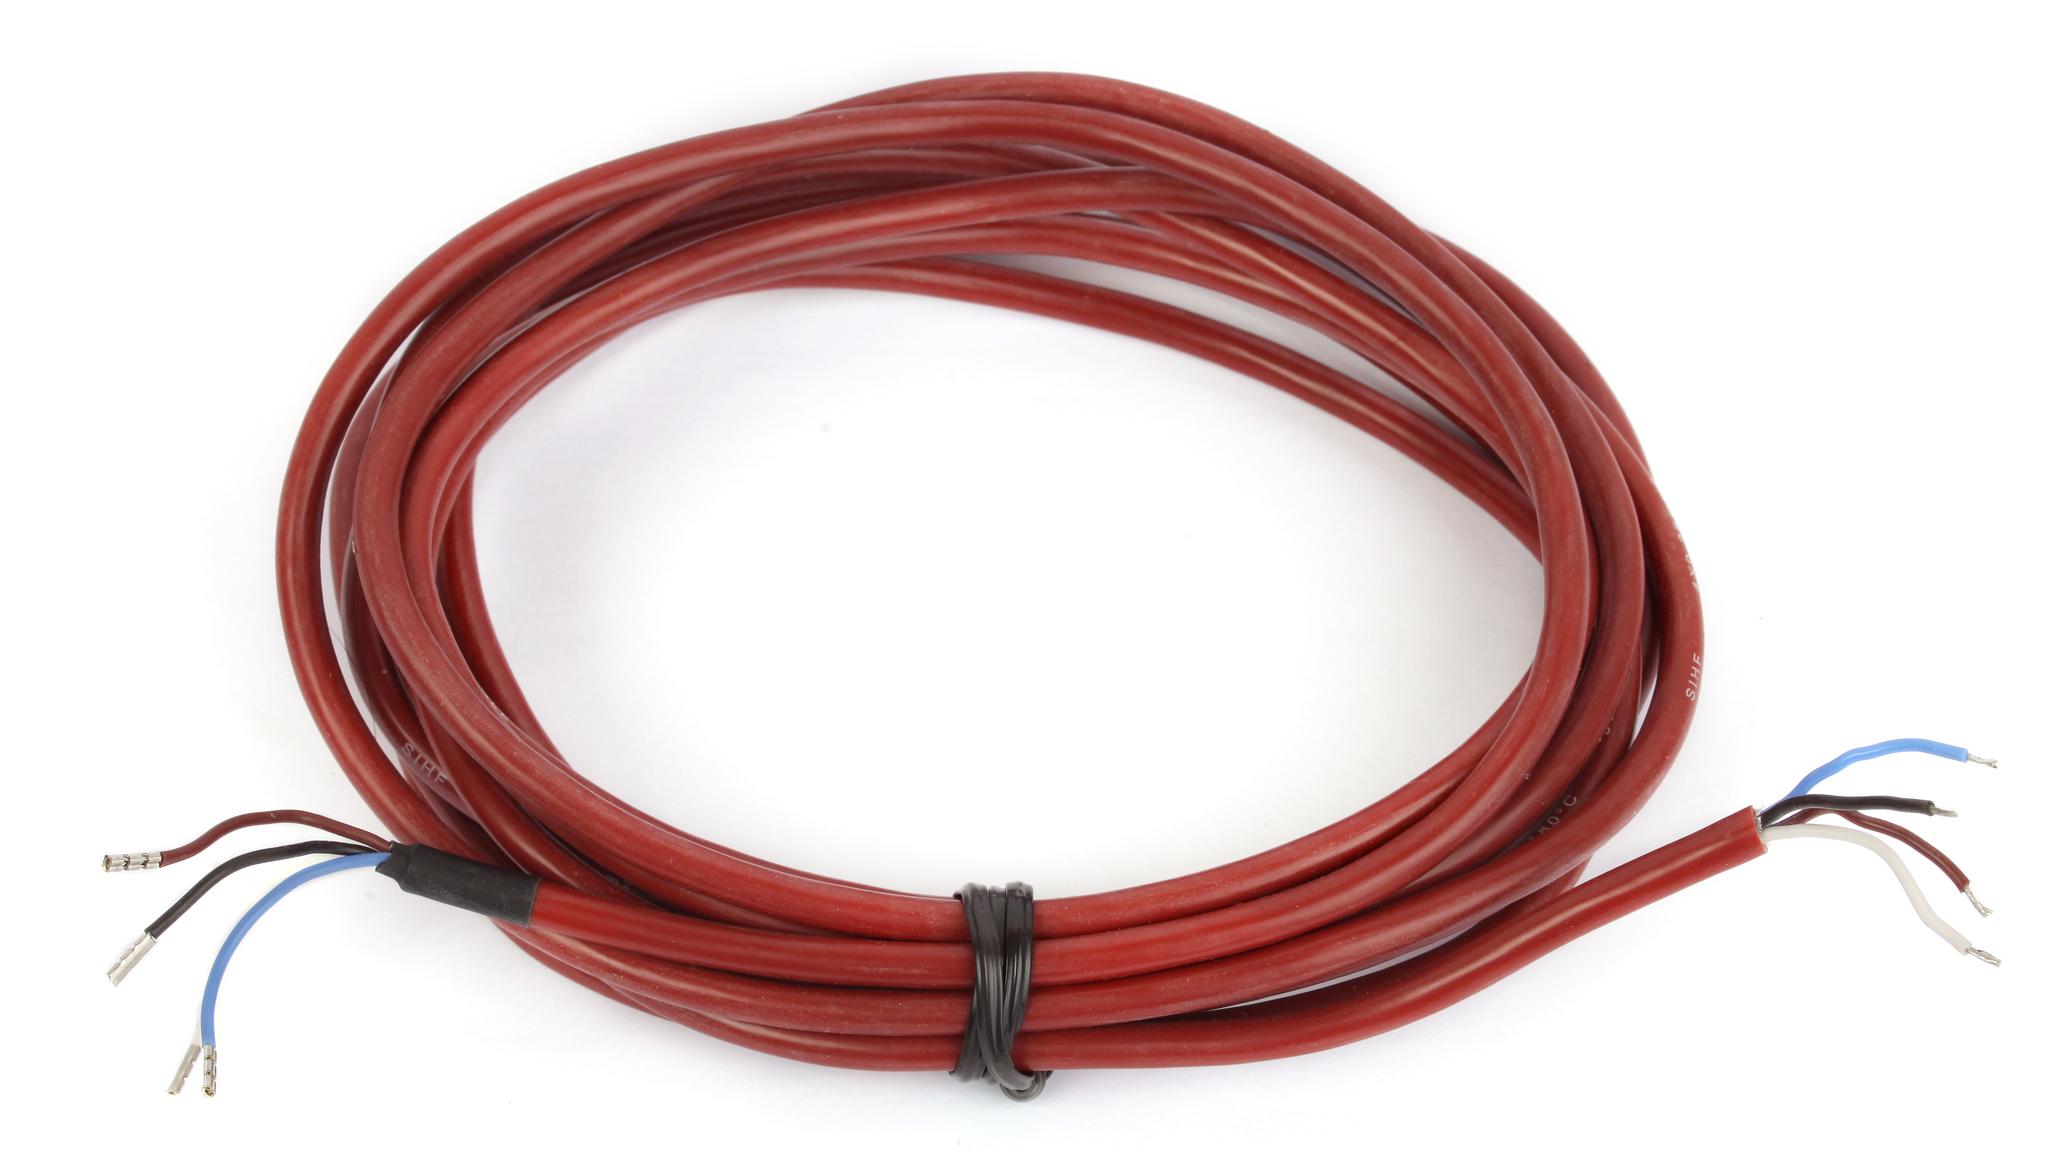 Кабель, клеммы, выключатели: Кабель для датчиков SAWO INN-WREG10 (10 метров) кабель